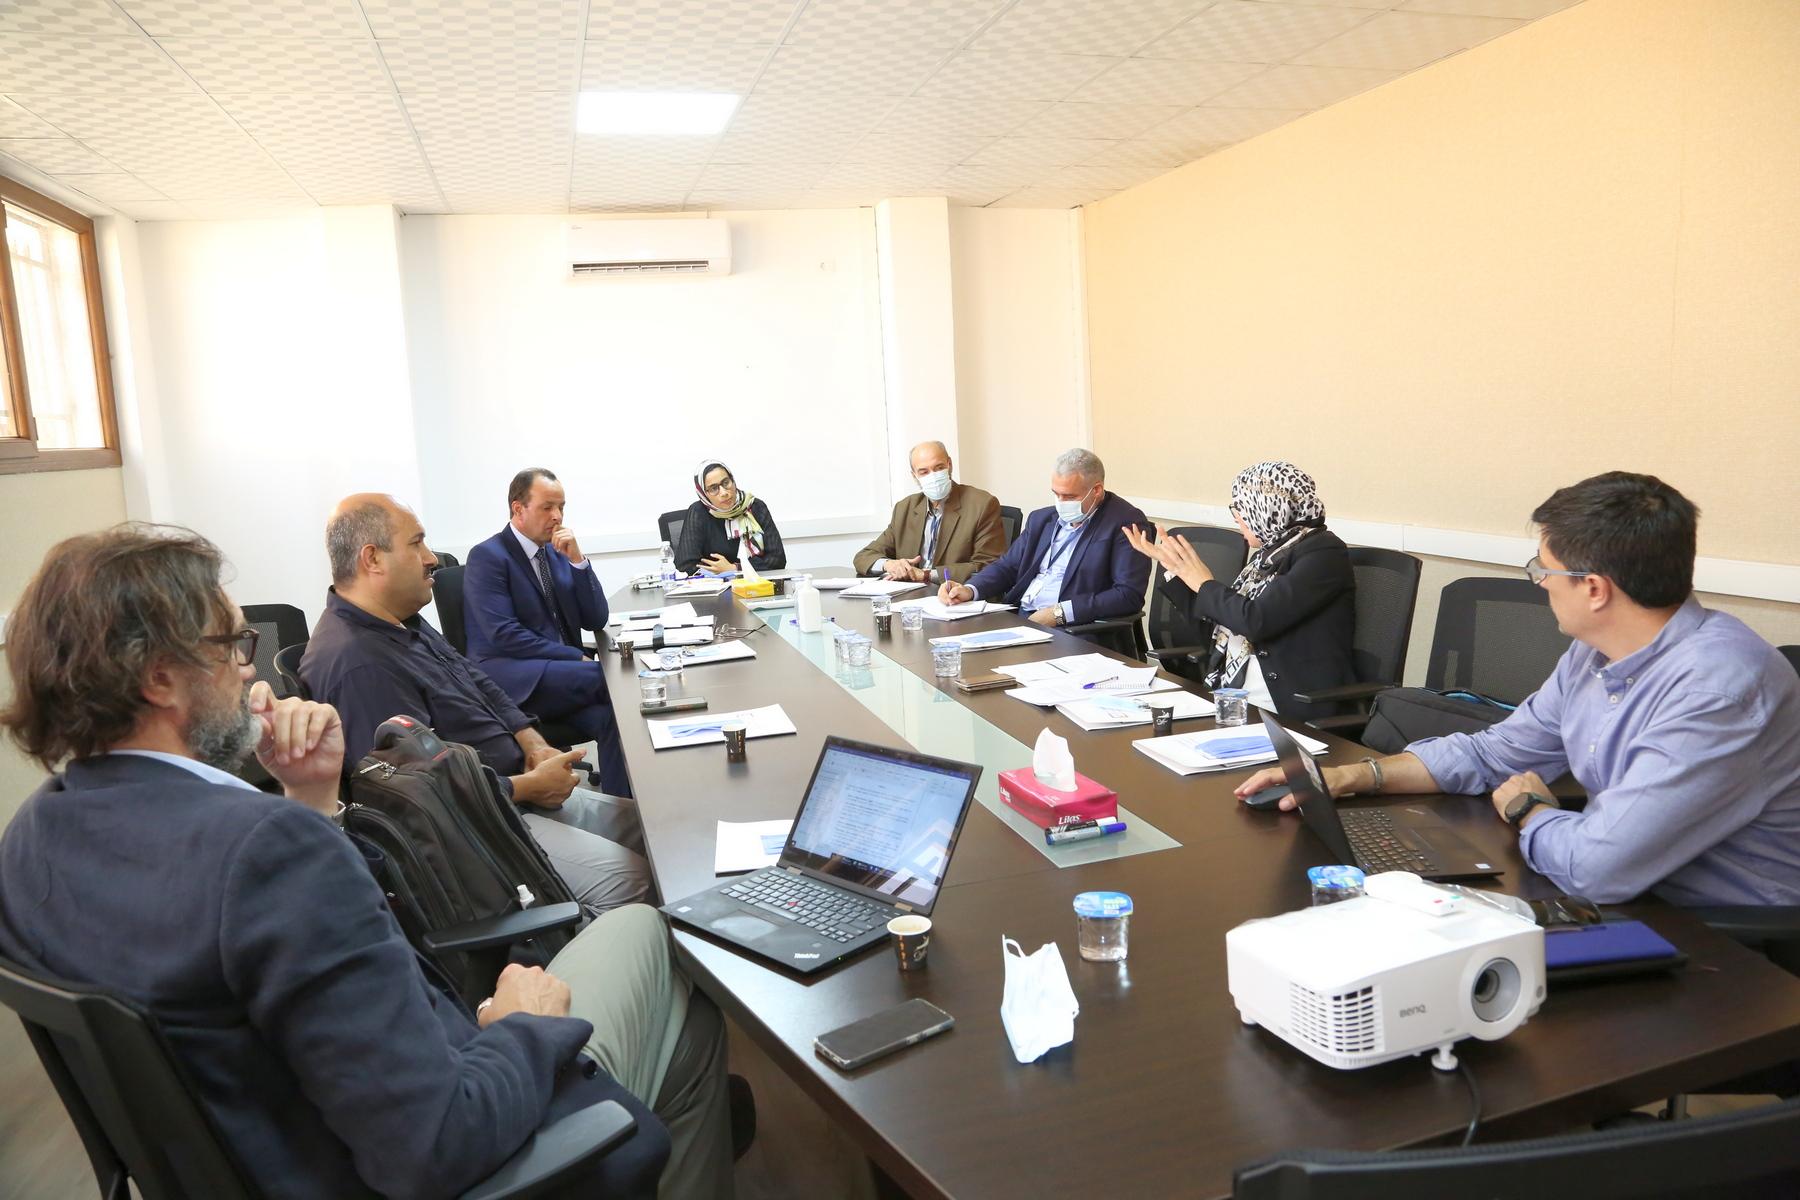 اجتماع بين المفوضية وإدارة التفتيش على الهيئات القضائية